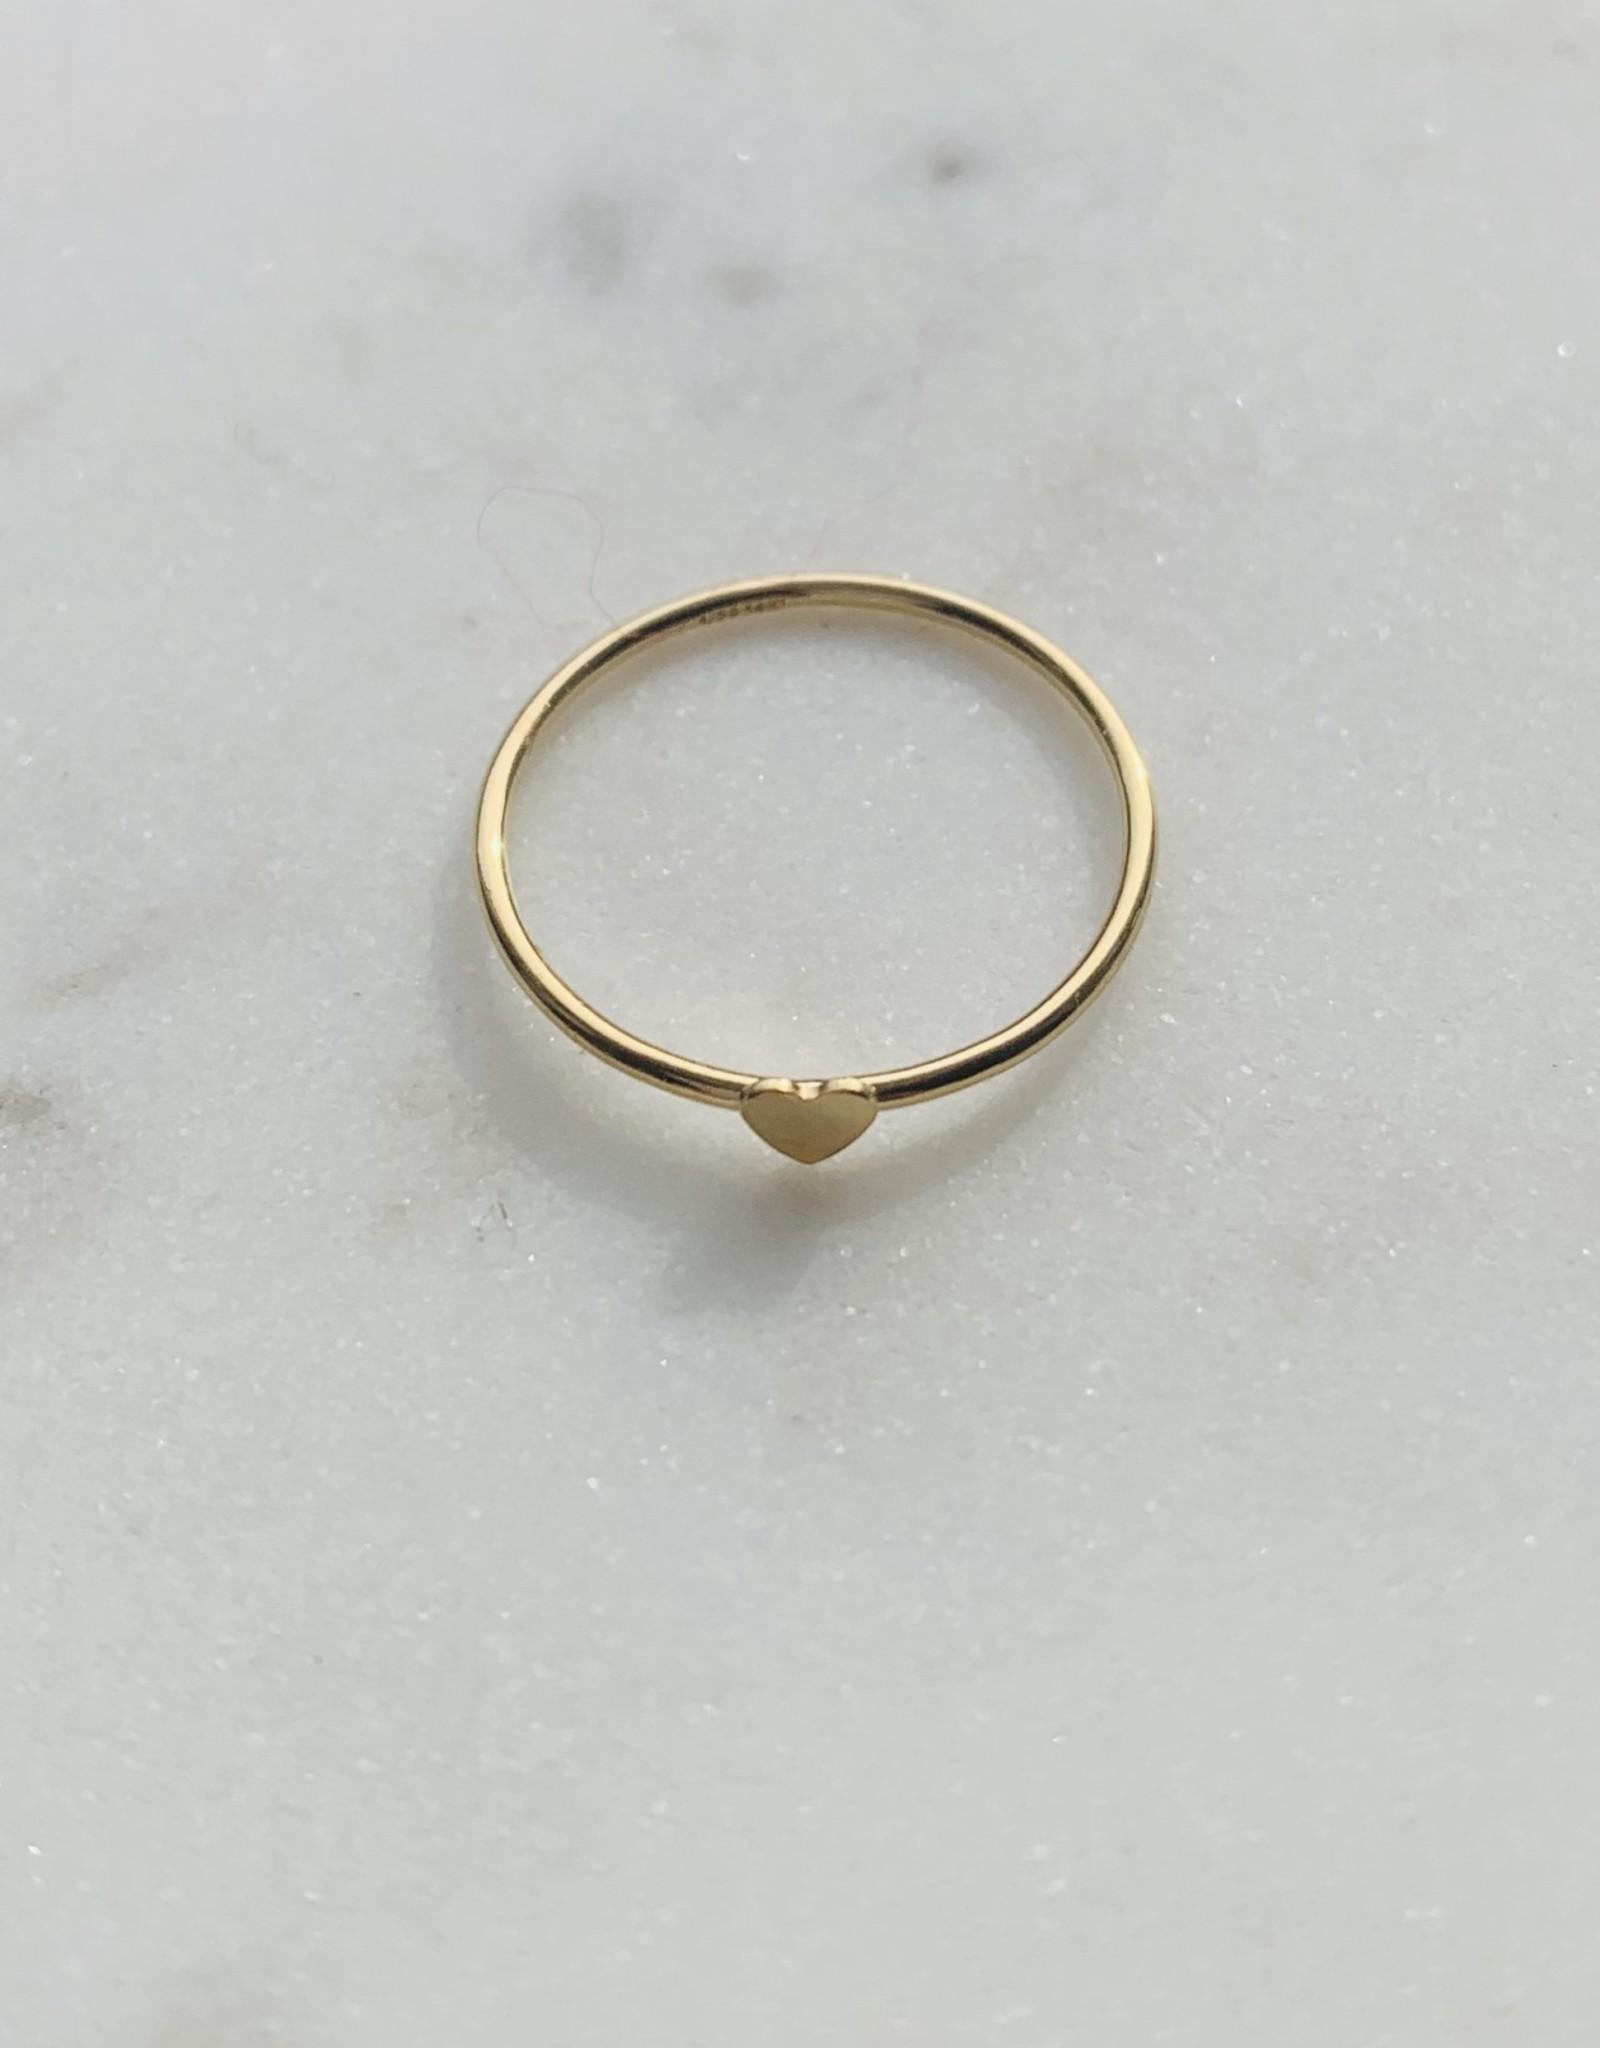 Le Petit bijou de Paris Bague - Extra fine avec petit coeur doublé or